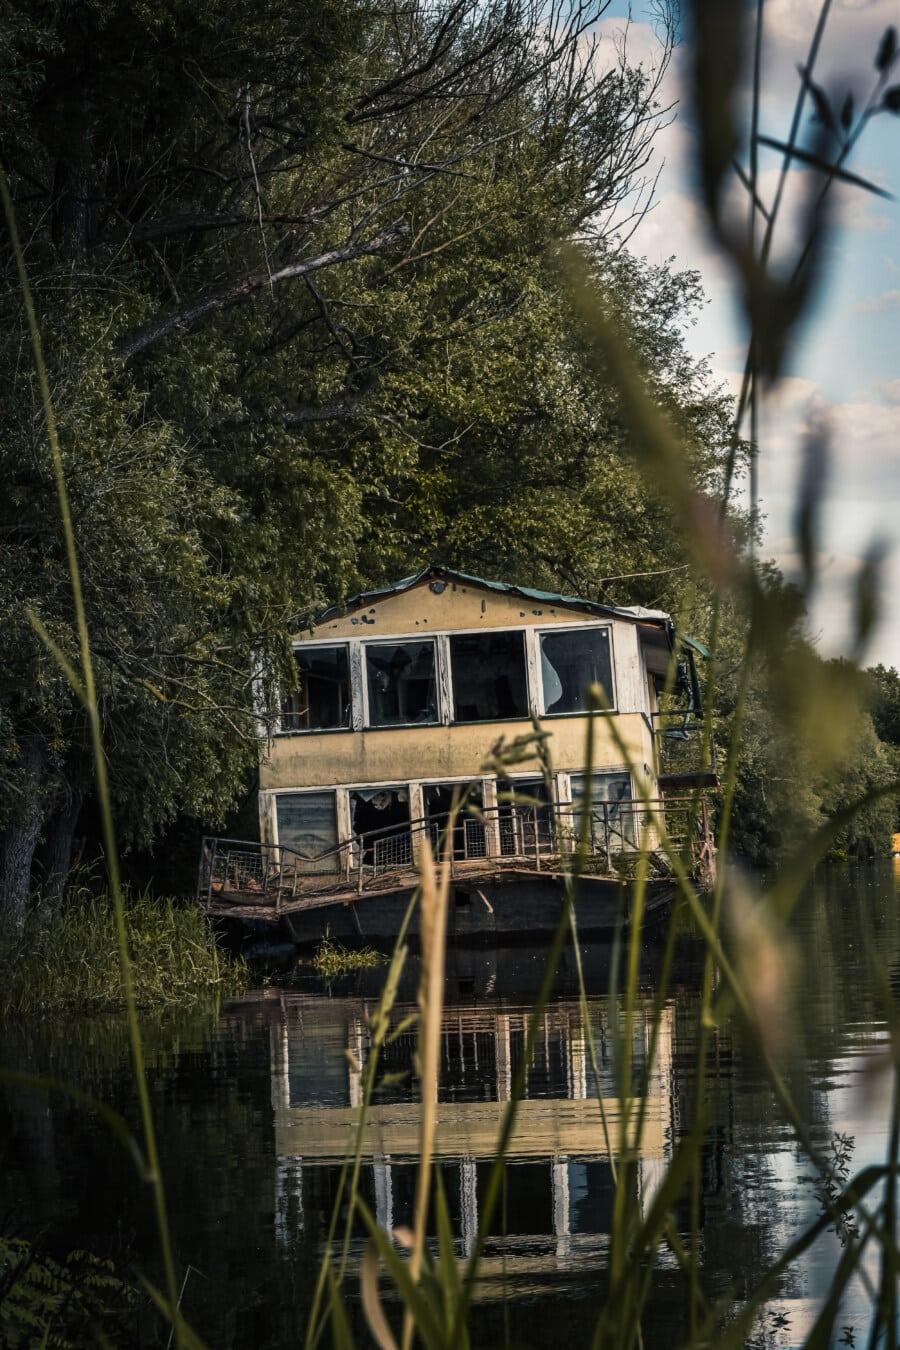 Vandalismus, Bootshaus, verlassener, alt, Verfall, Struktur, Gebäude, Wasser, Schuppen, See